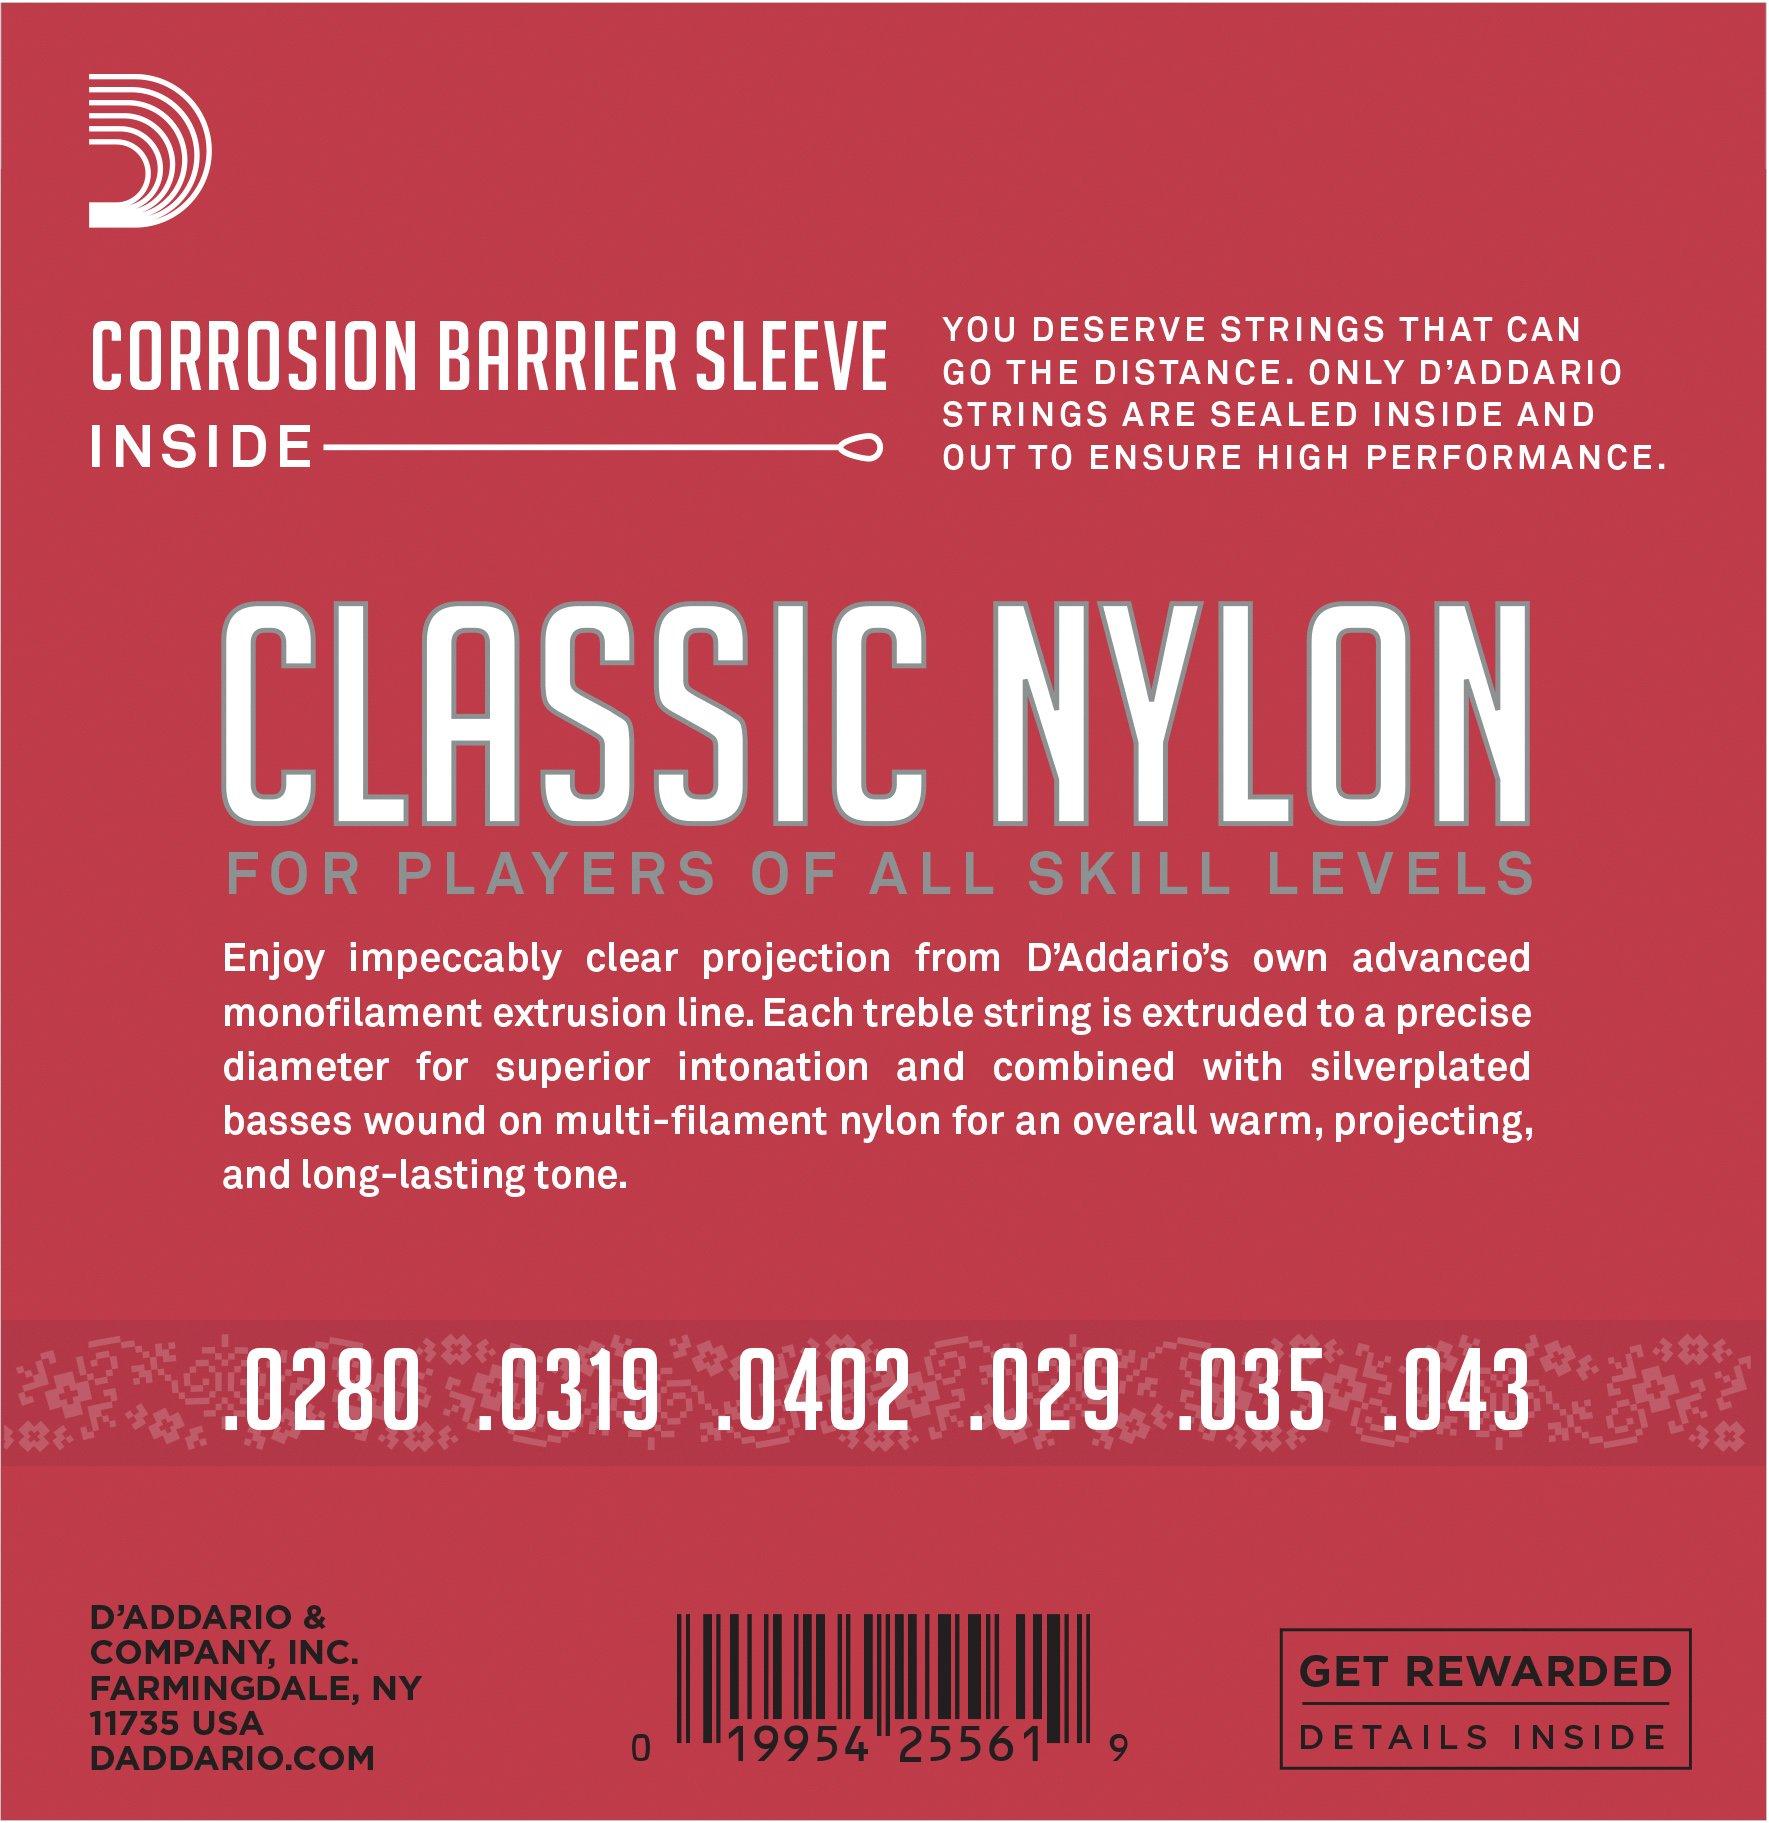 DAddario T4603 Juego de Cuerdas para Guitarra Clásica de Nylon: Amazon.es: Instrumentos musicales